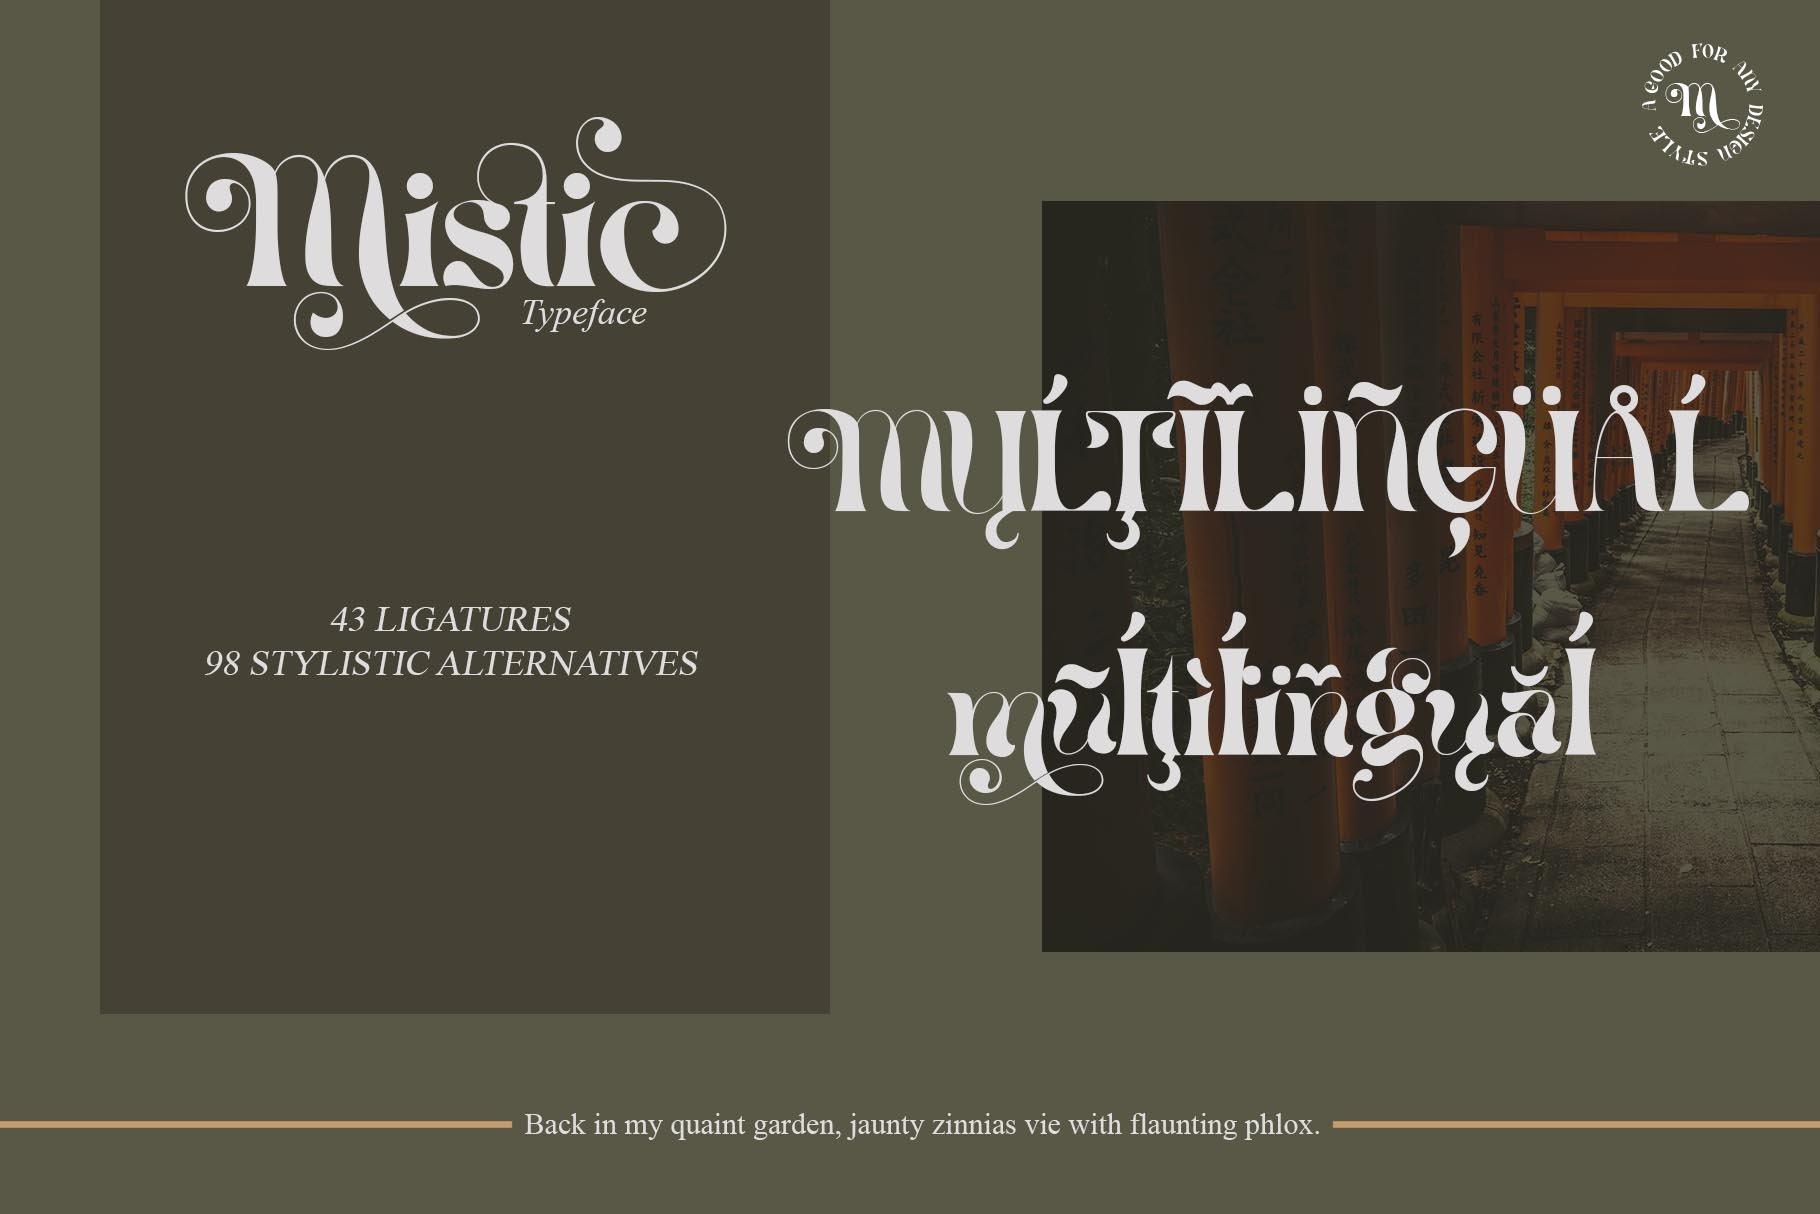 现代优雅杂志海报标题Logo设计衬线英文字体素材 Mistic Typeface插图10